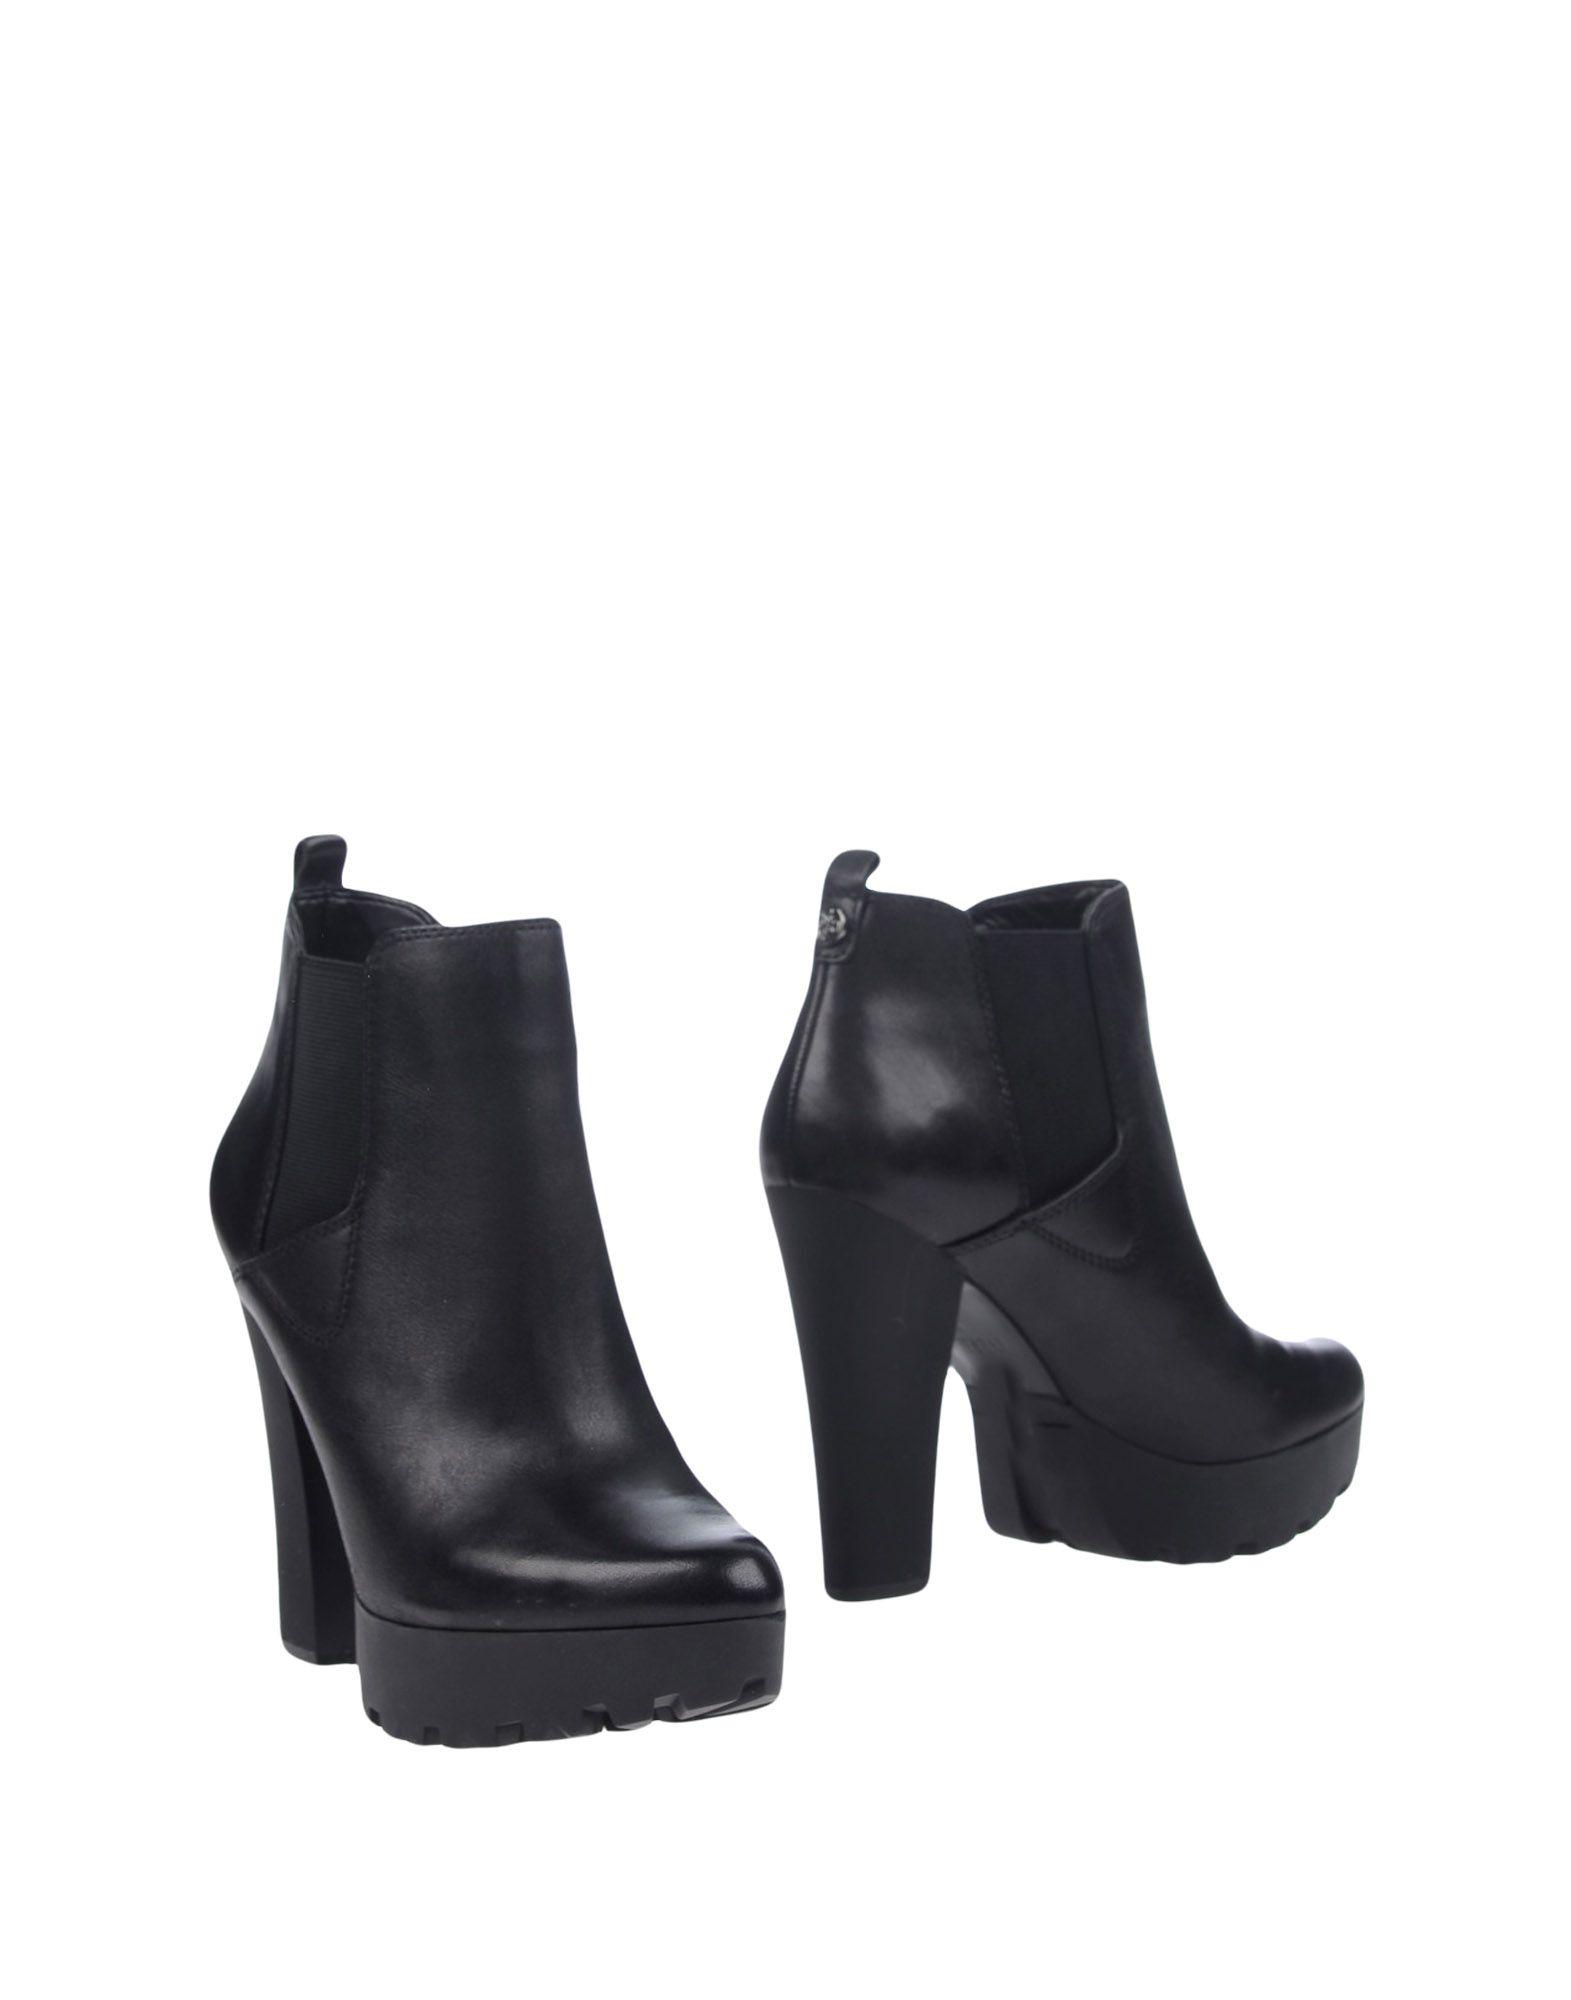 Guess Chelsea Boots Damen beliebte  11288758FX Gute Qualität beliebte Damen Schuhe 772c94